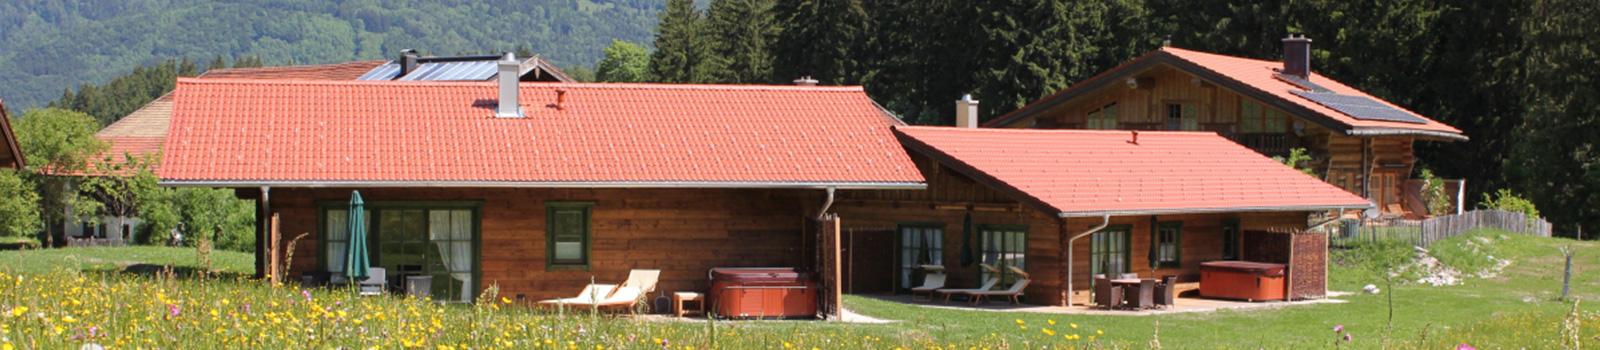 Ferienhof Waicher